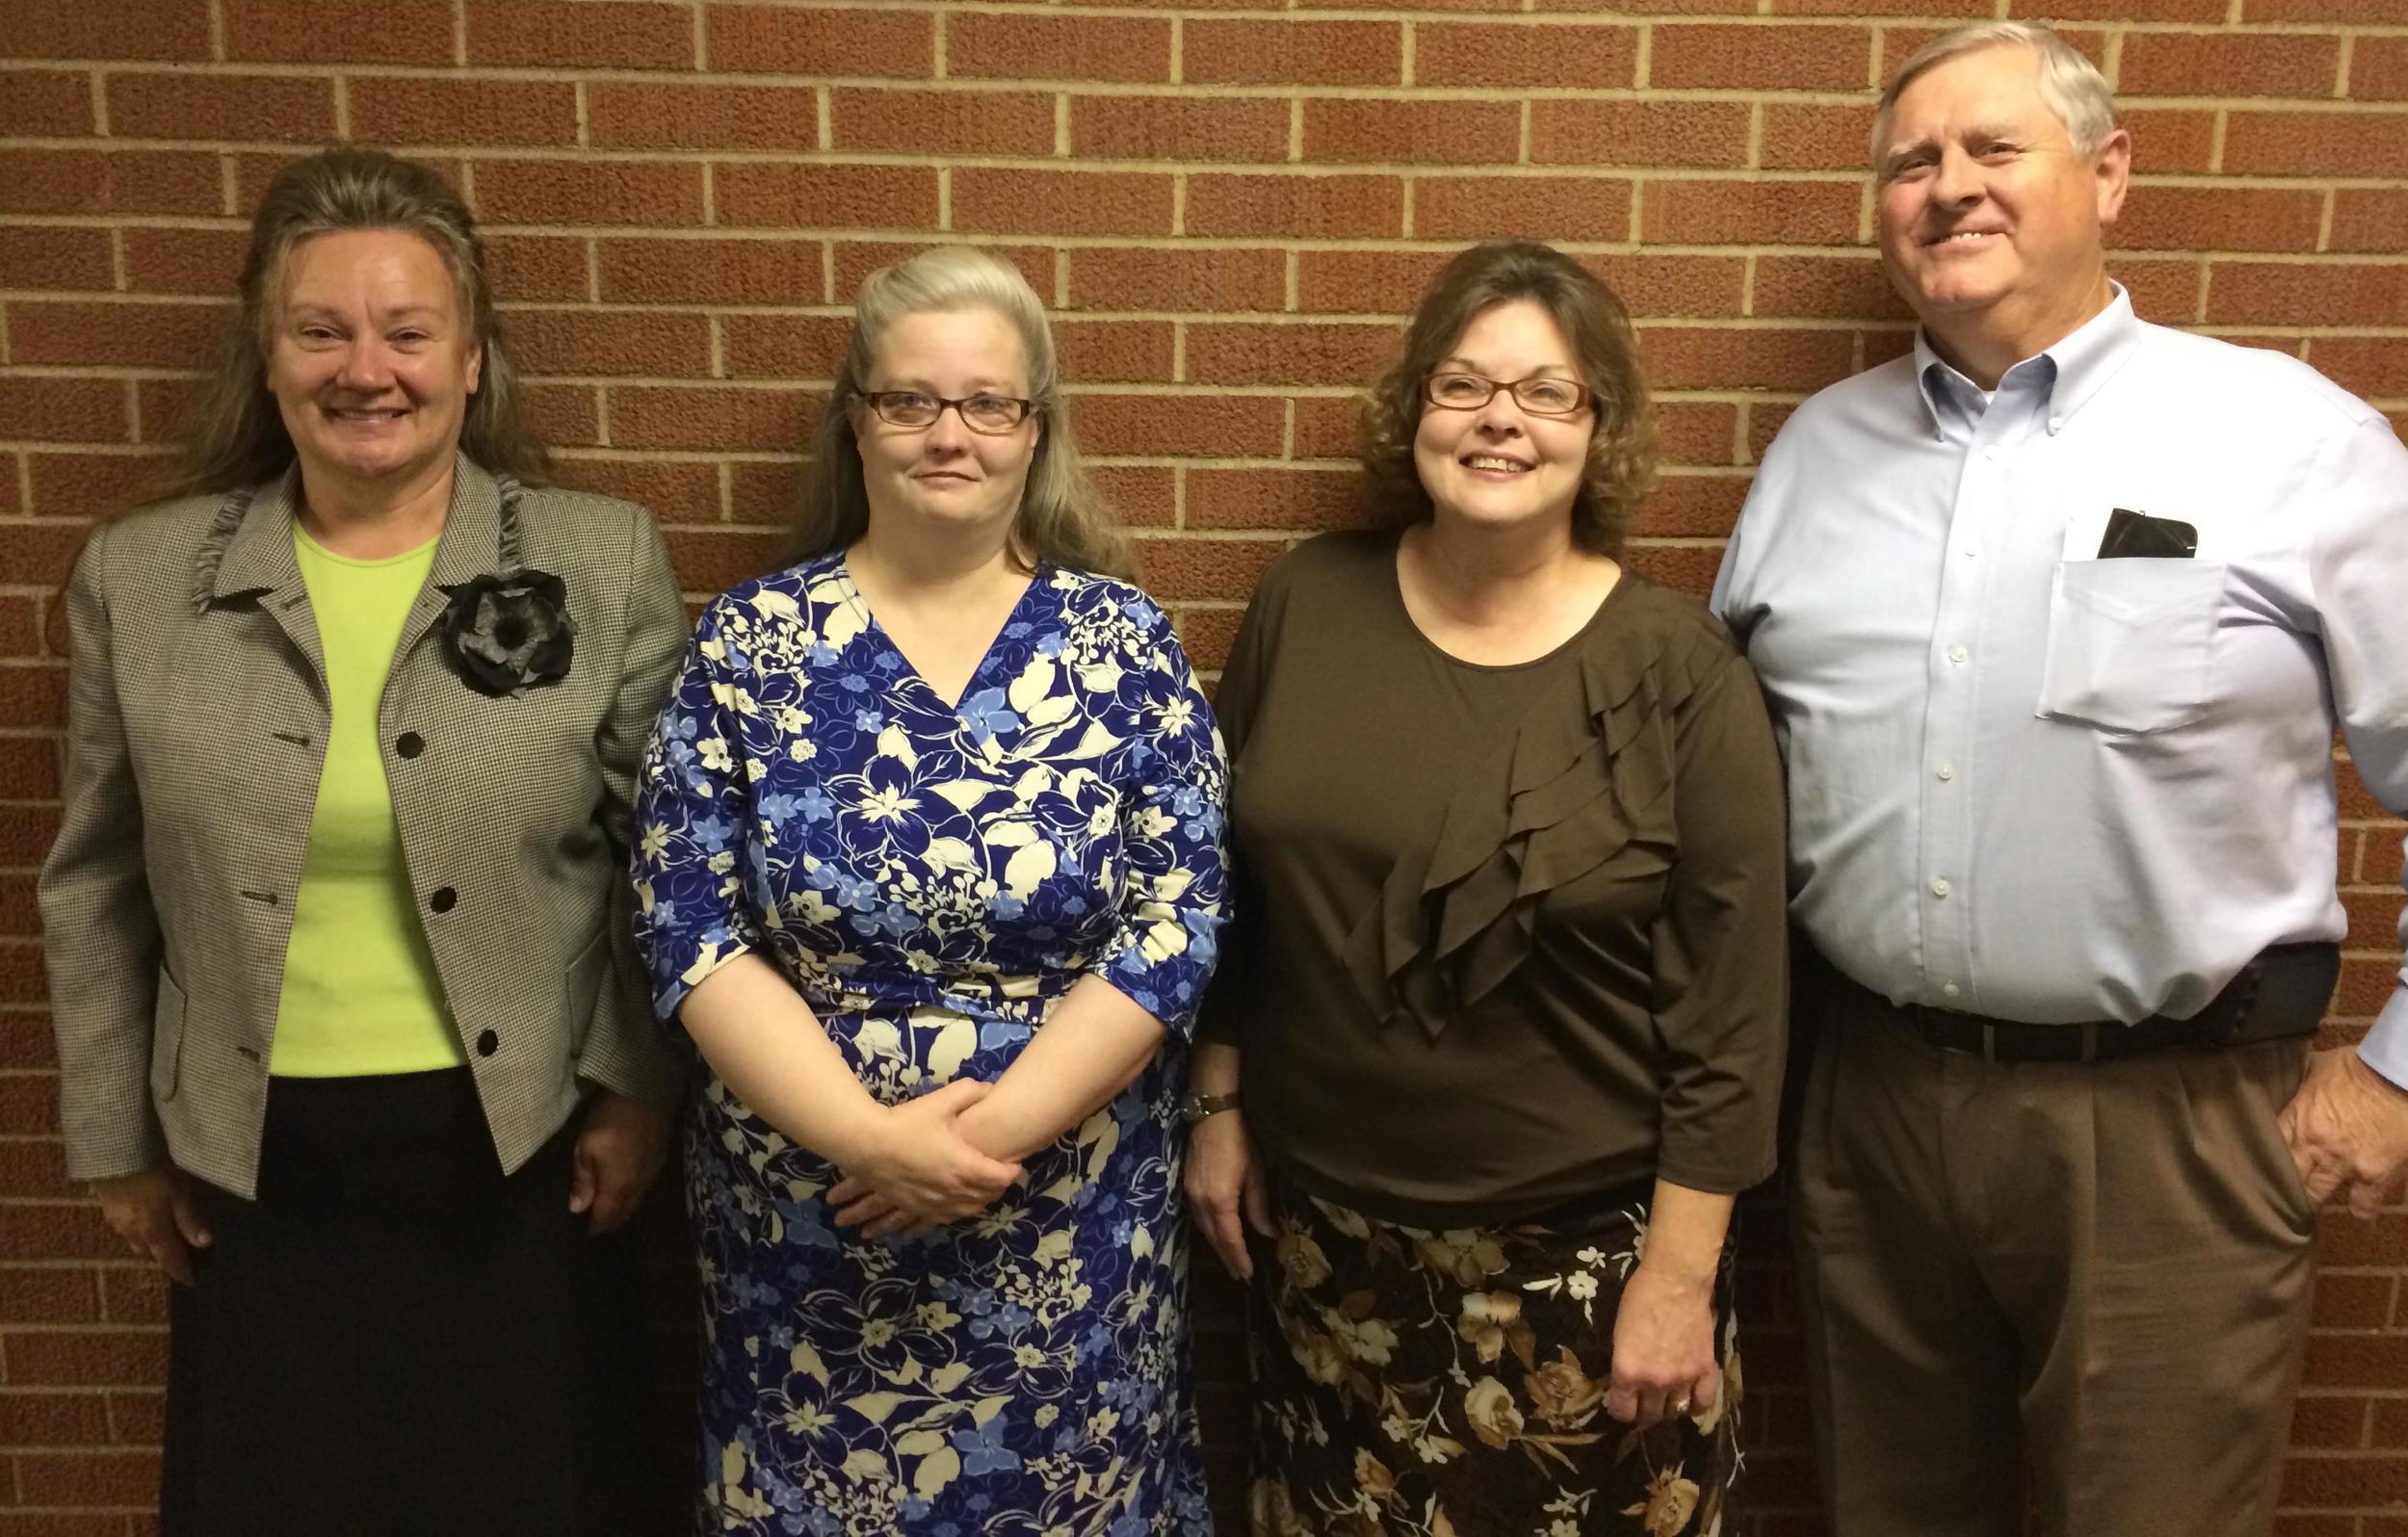 Our Bus Captains: Bonnie Bontrager, Lisa Whitacre, Laurie Jackson, and Bill Brimm